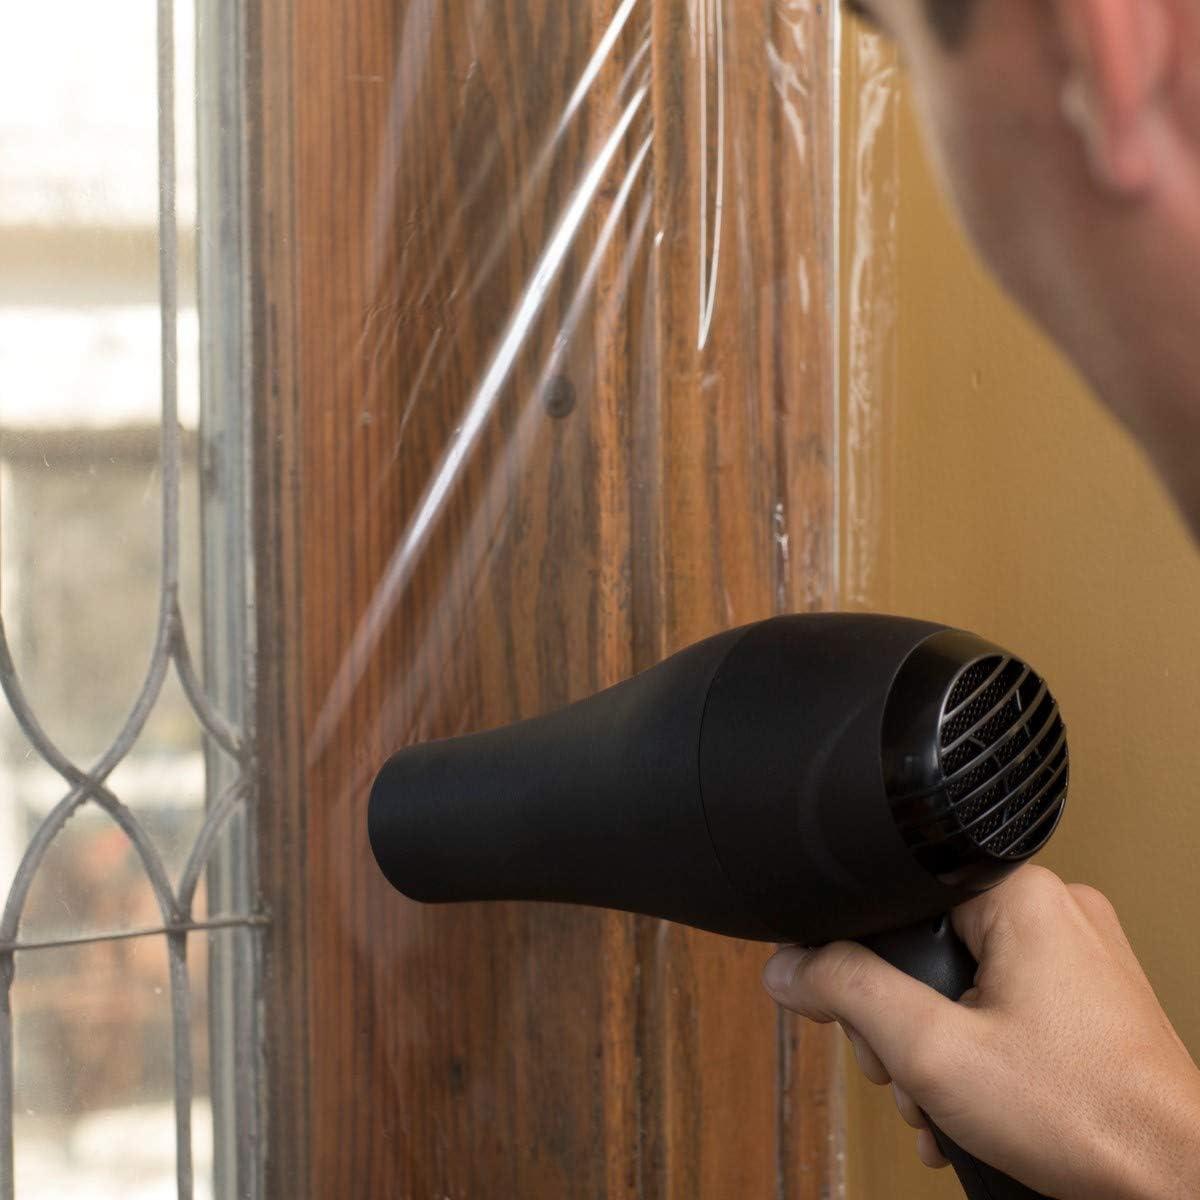 Duck 283571 Indoor Window Insulation Kit 62 x 420 Shrink Film Insulates Ten 3 x 5 Foot Windows